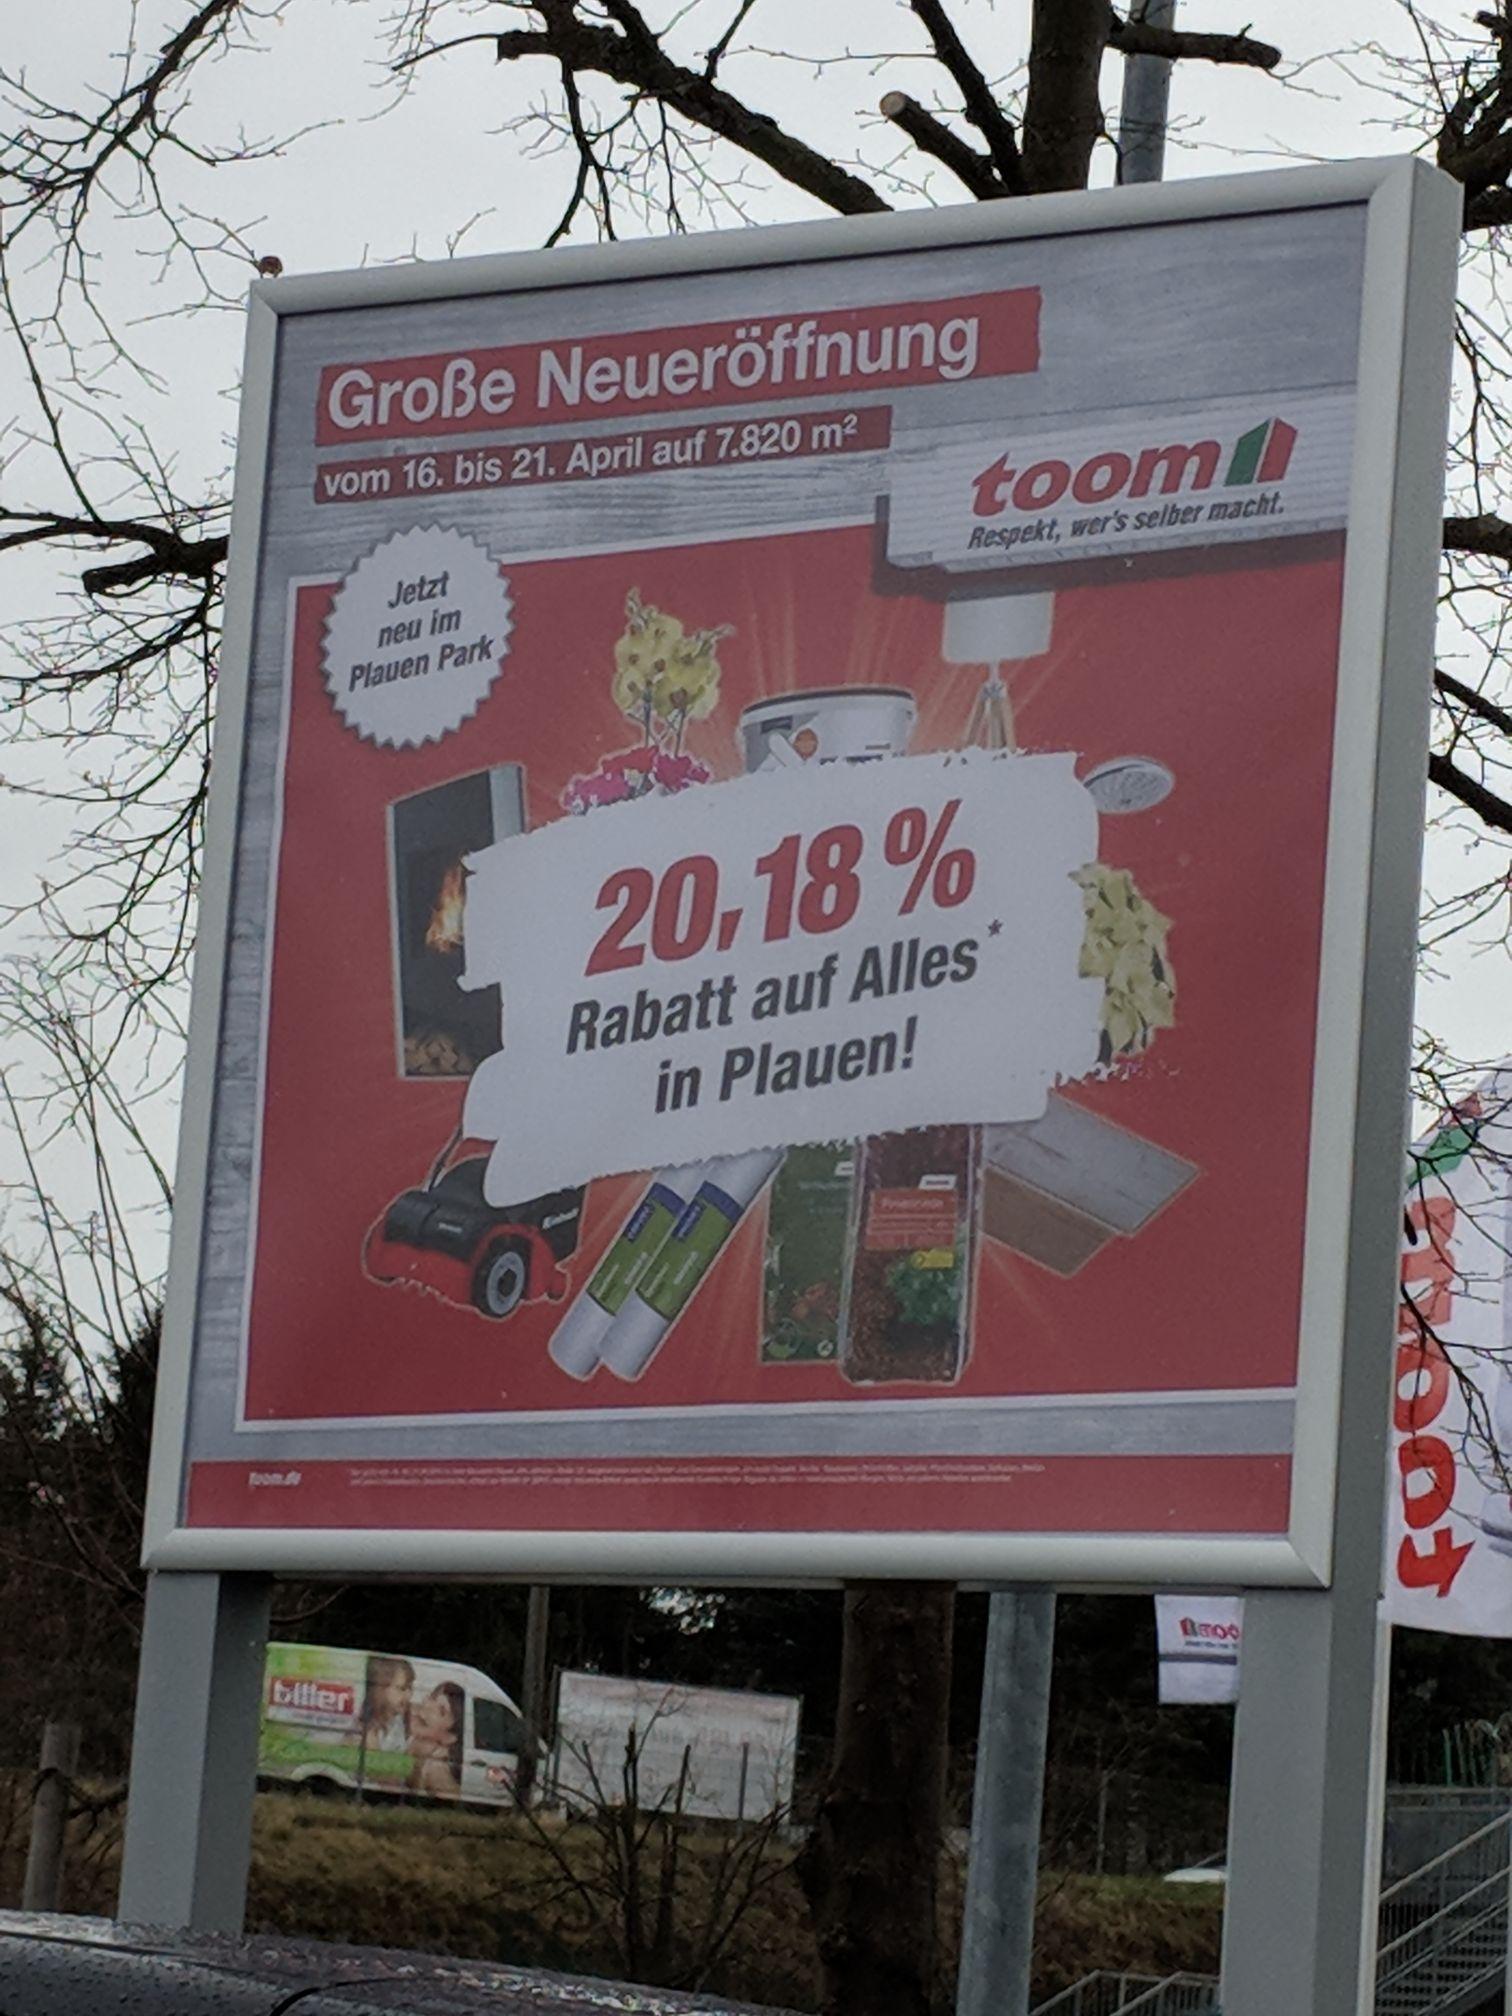 [toom Plauen] 20,18% Rabatt auf Alles [16.-21.4.]